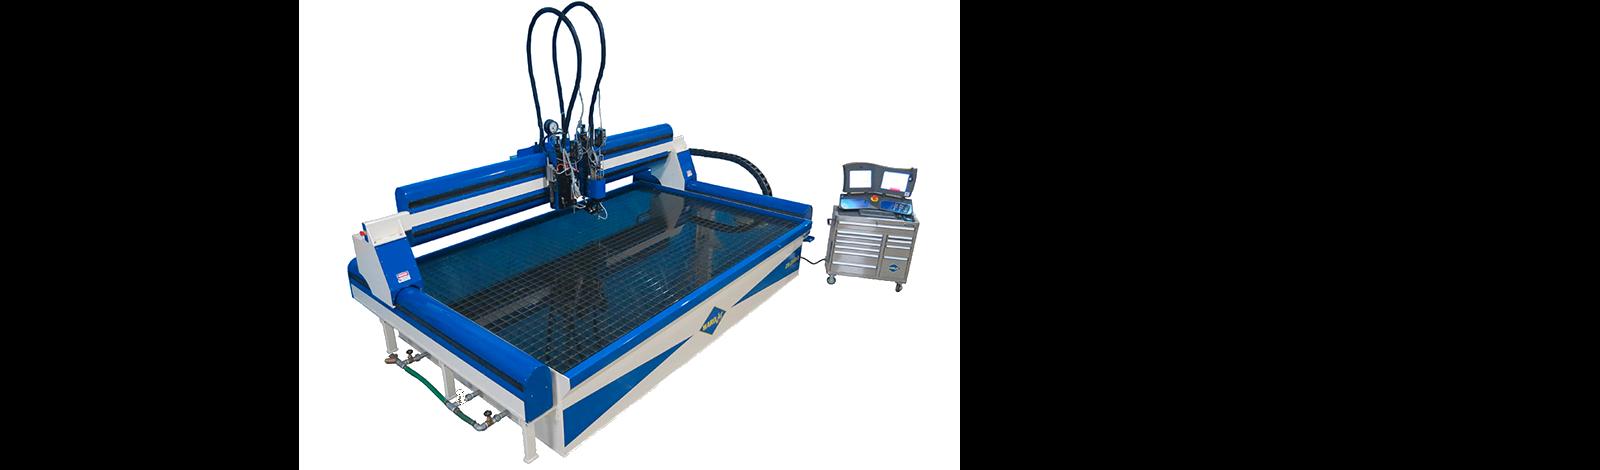 Wardjet waterjet cutting machine image